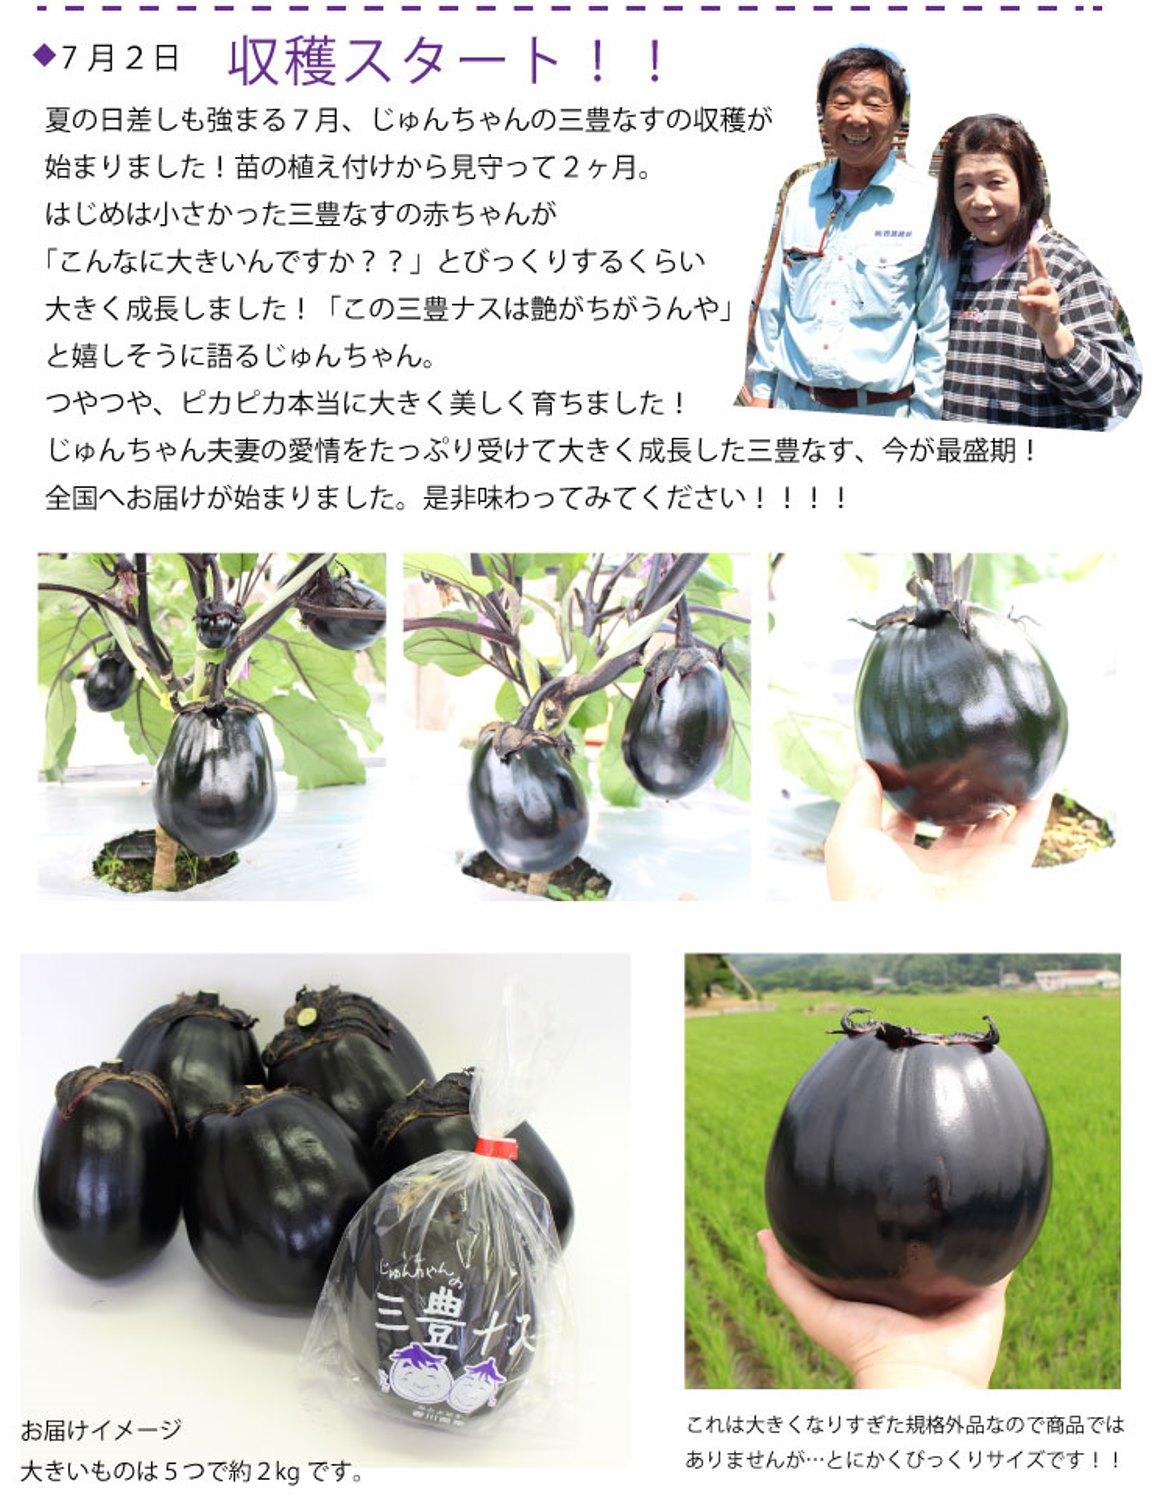 じゅんちゃんの三豊ナス収穫が始まりました!